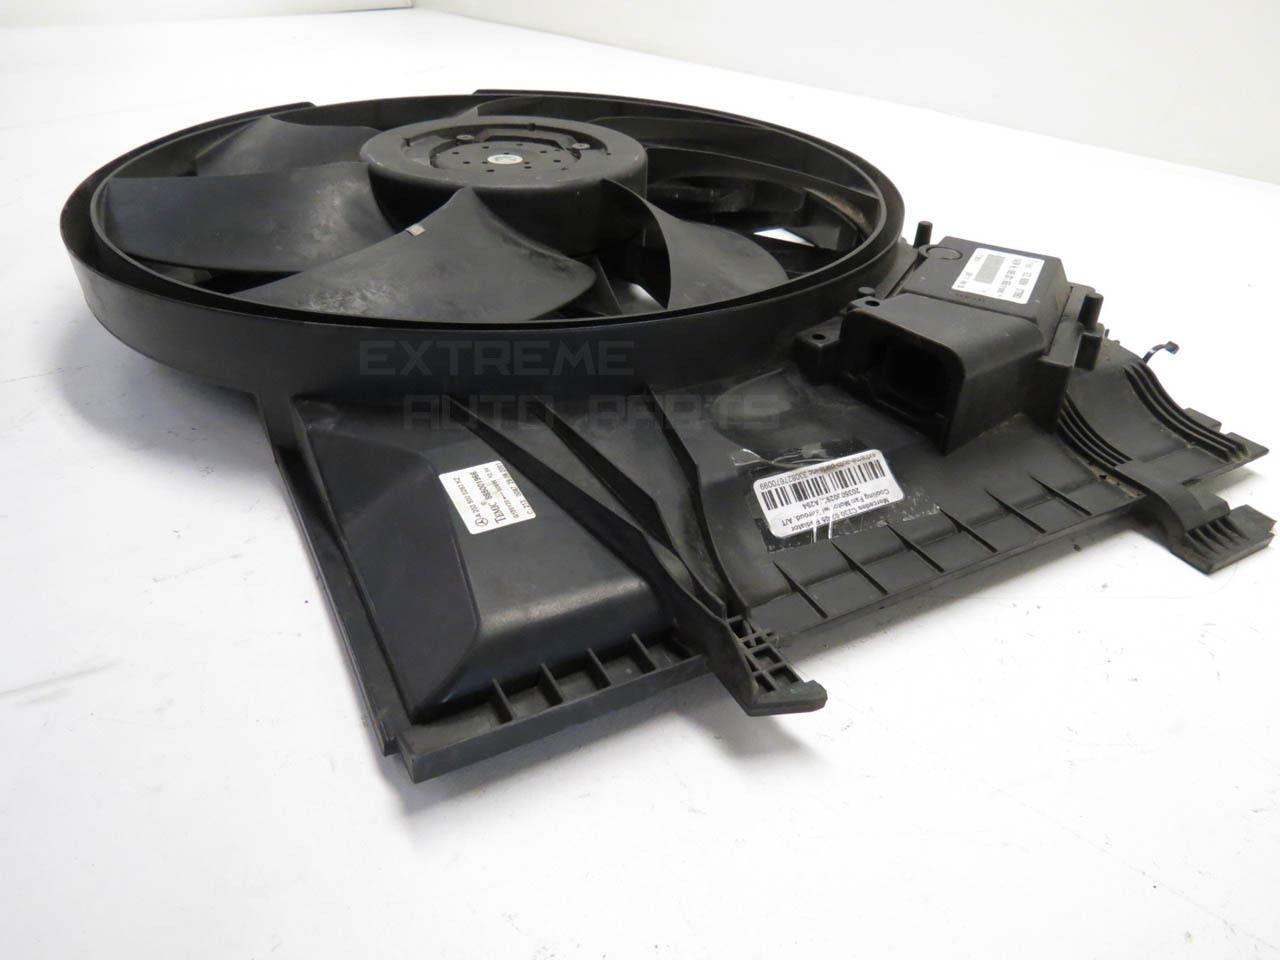 Mercedes C230 02-05 Radiator Cooling Fan Motor w/ Shroud, A/T 2035000293